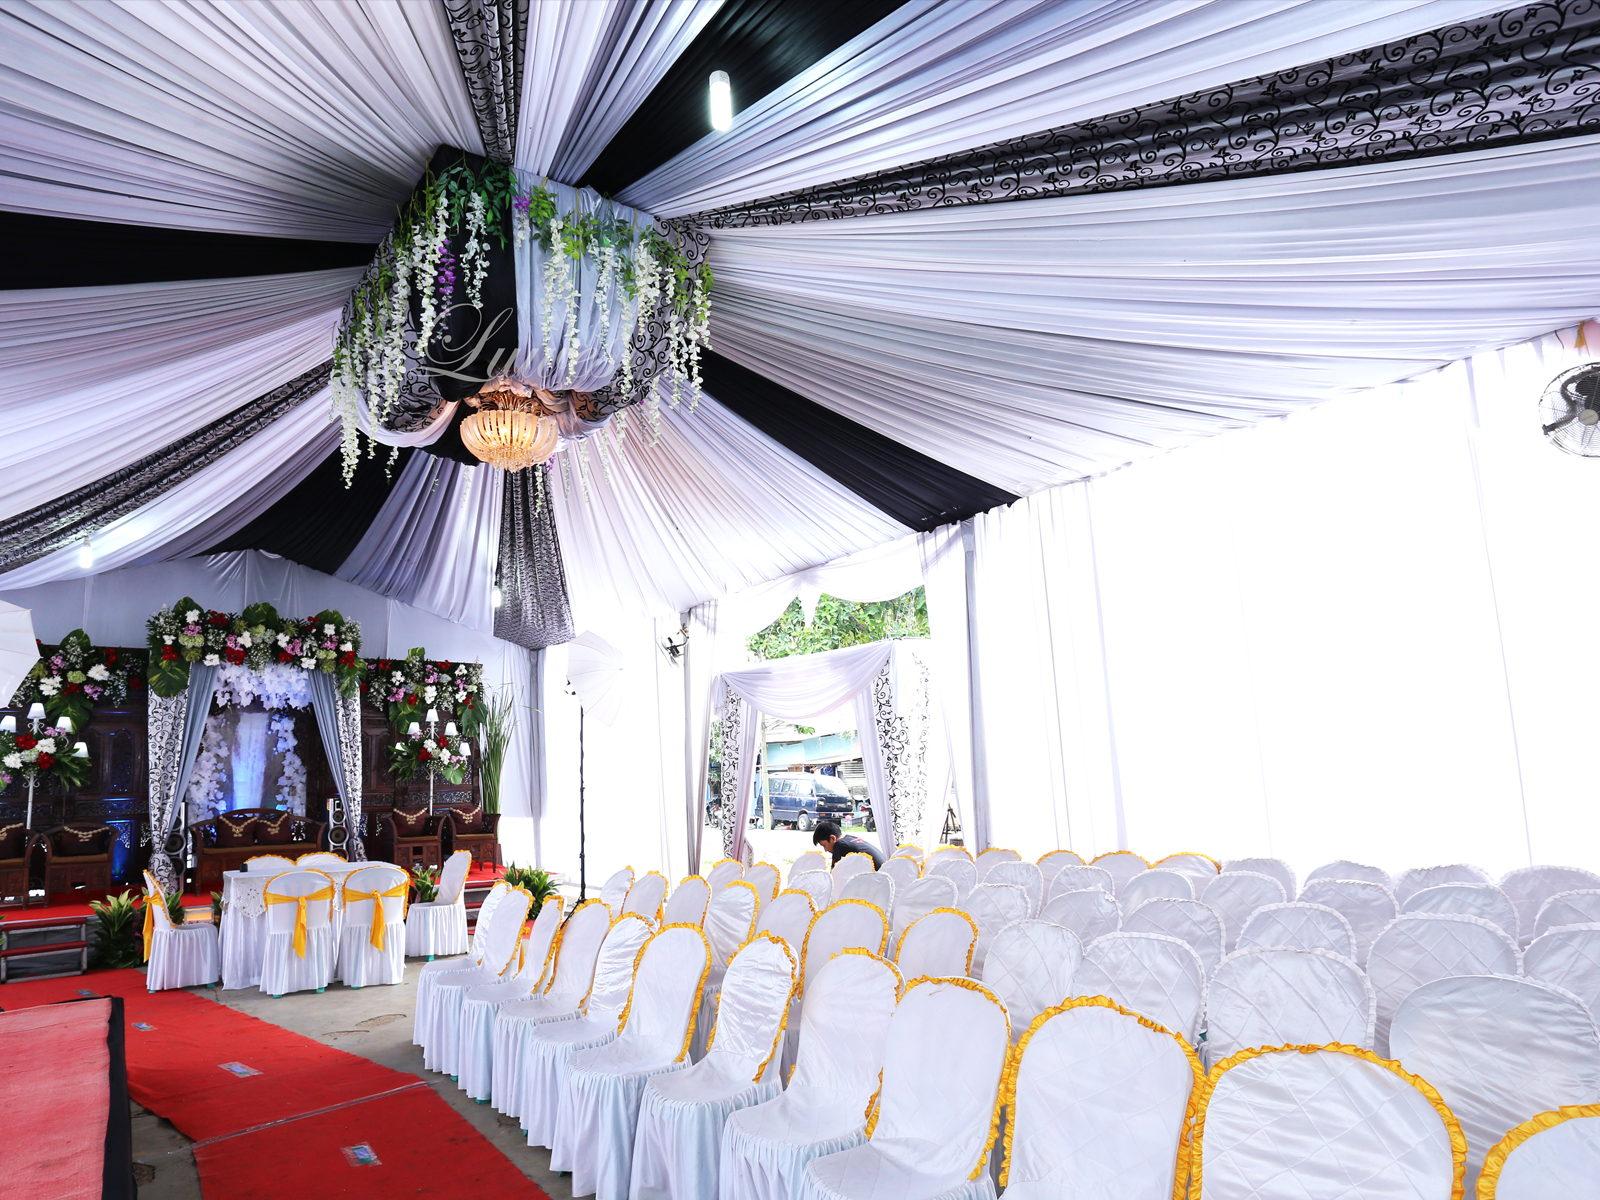 Gallery Photo Dekorasi Halaman 4 Paket Pernikahan Dekorasi